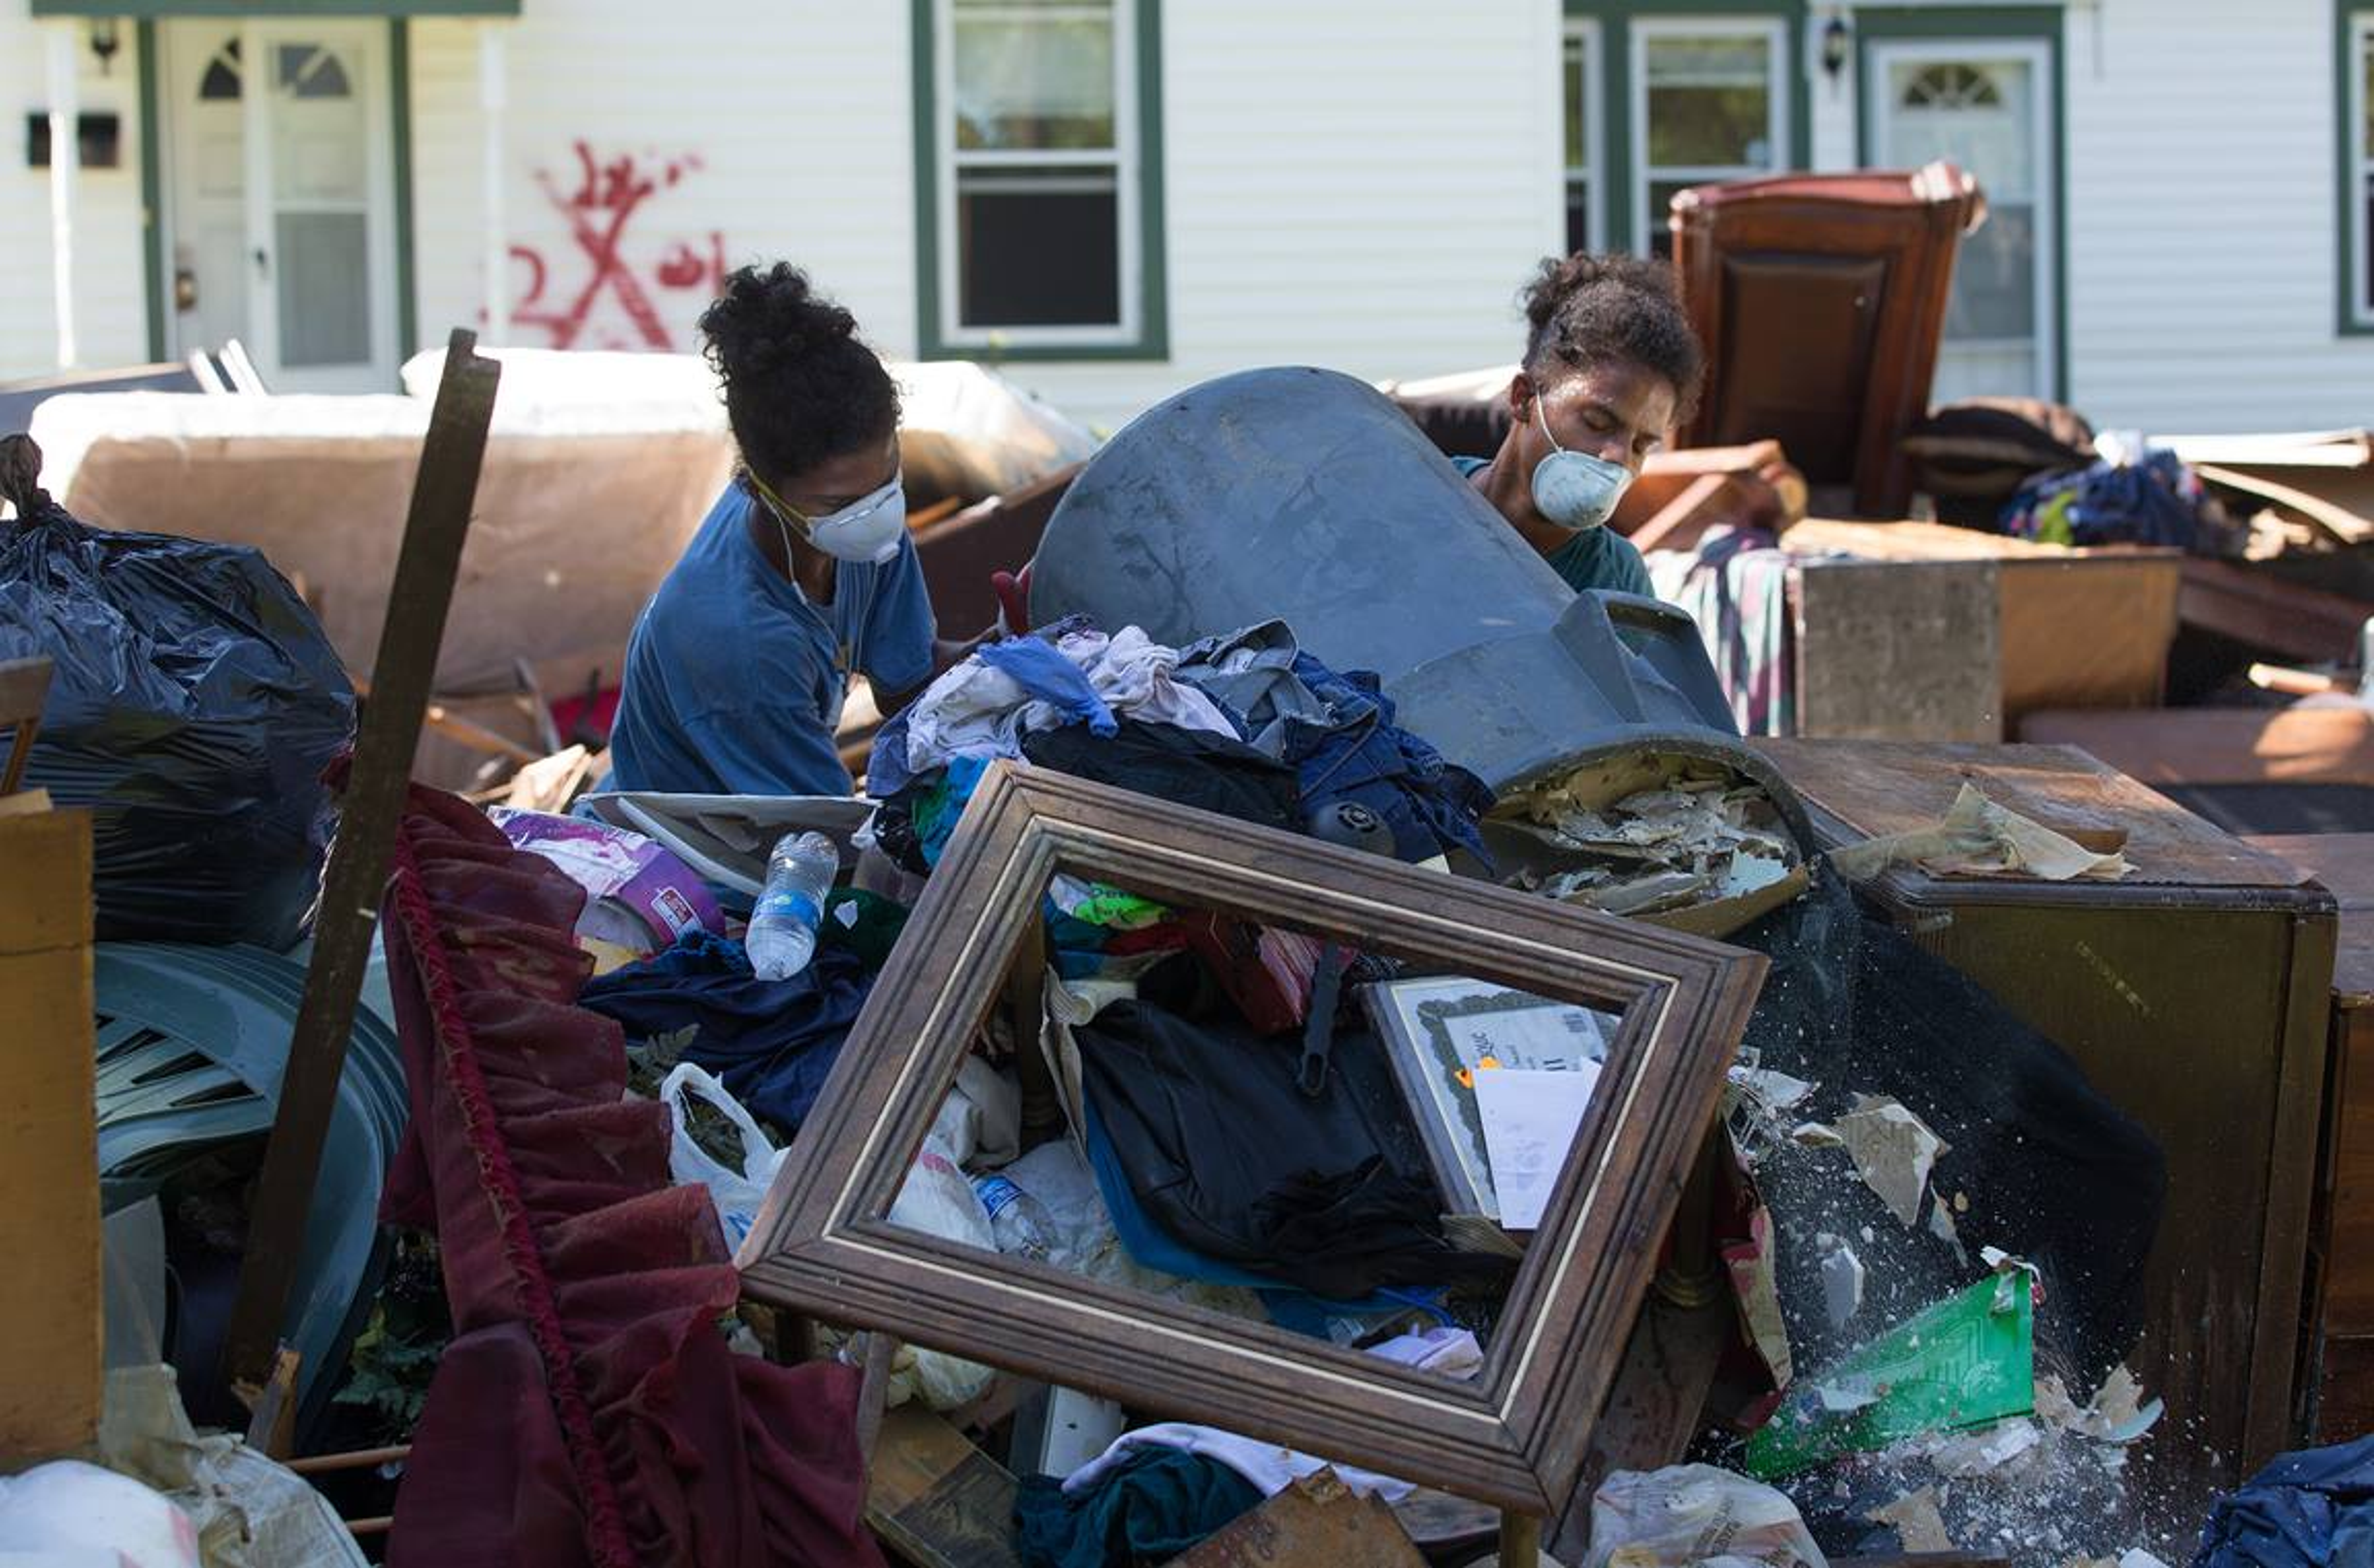 Jeremain (à gauche) et Jeremaih Robinson empilent des meubles en ruine d'une maison qui a été fortement endommagée par les inondations à Baton Rouge, LA. Les jumeaux de 16 ans faisaient partie d'une équipe de bénévoles de la First United Methodist Church à Baton Rouge. Photo de Mike DuBose, UMNS.